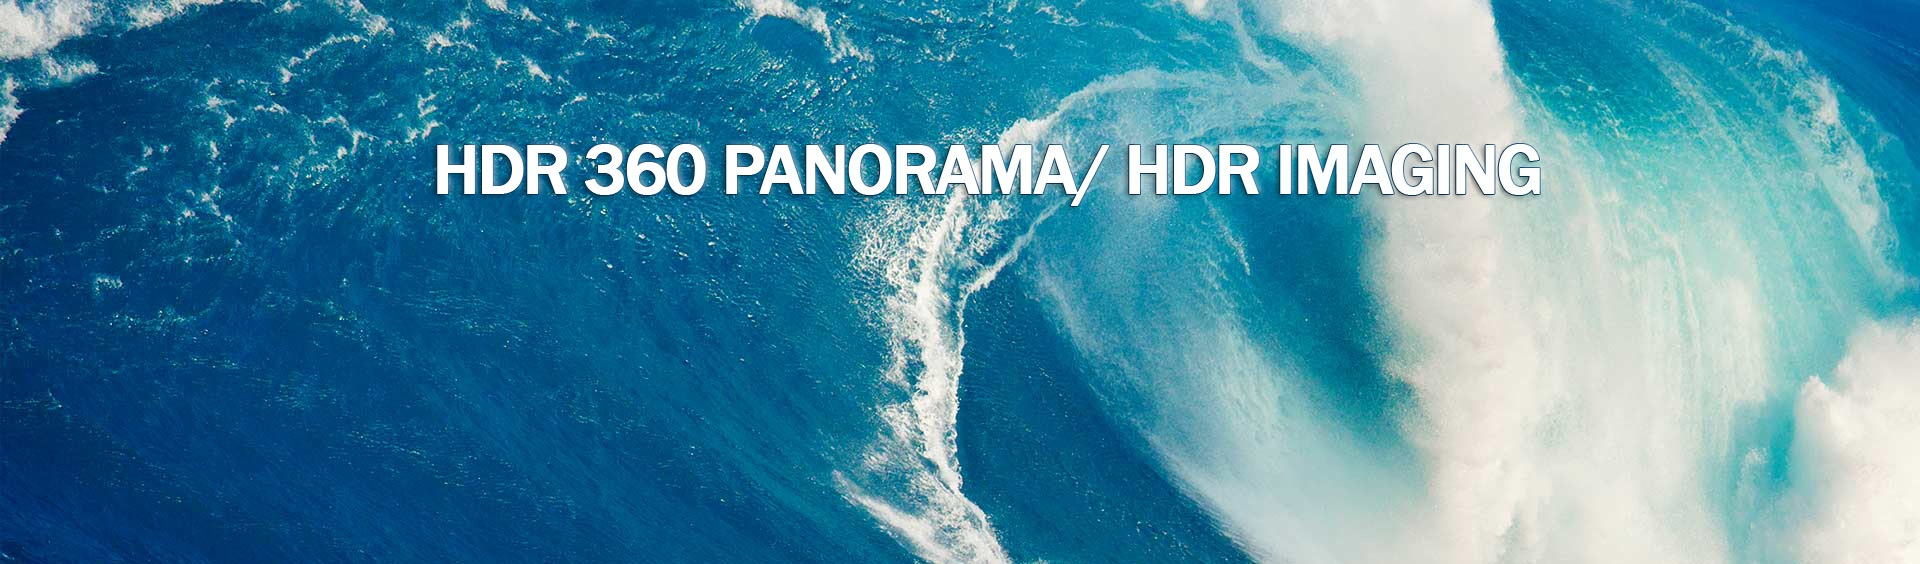 360-panorama-hdr-imaging